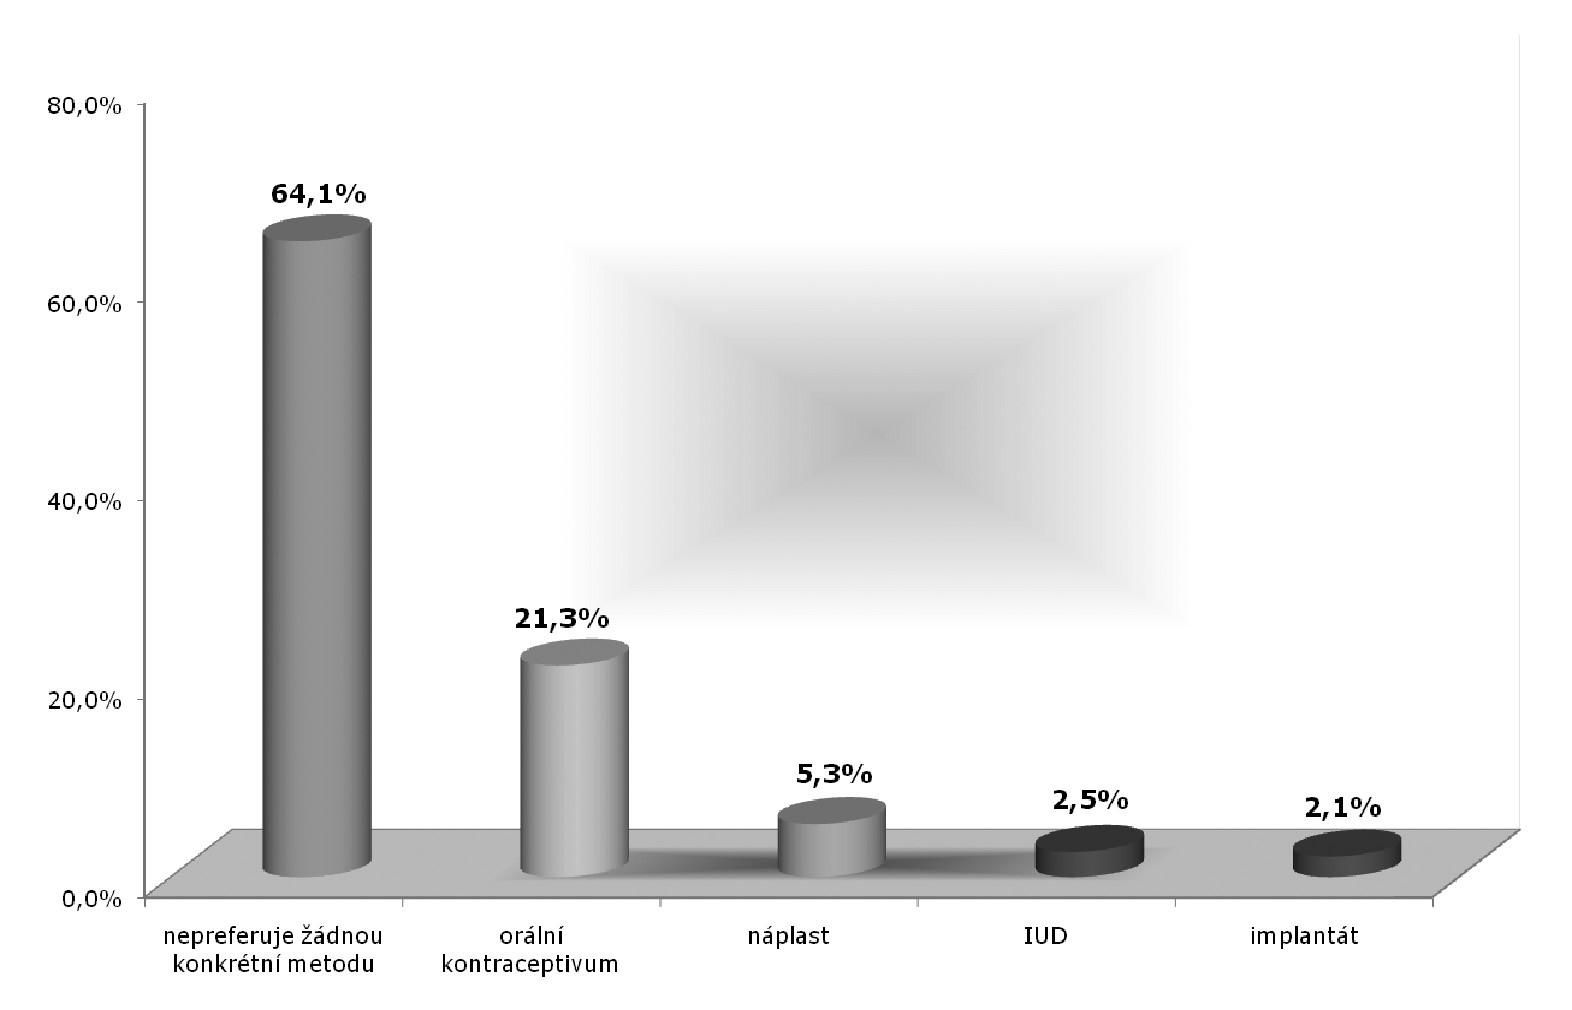 Preference žen při výběru antikoncepce (% uživatelek)